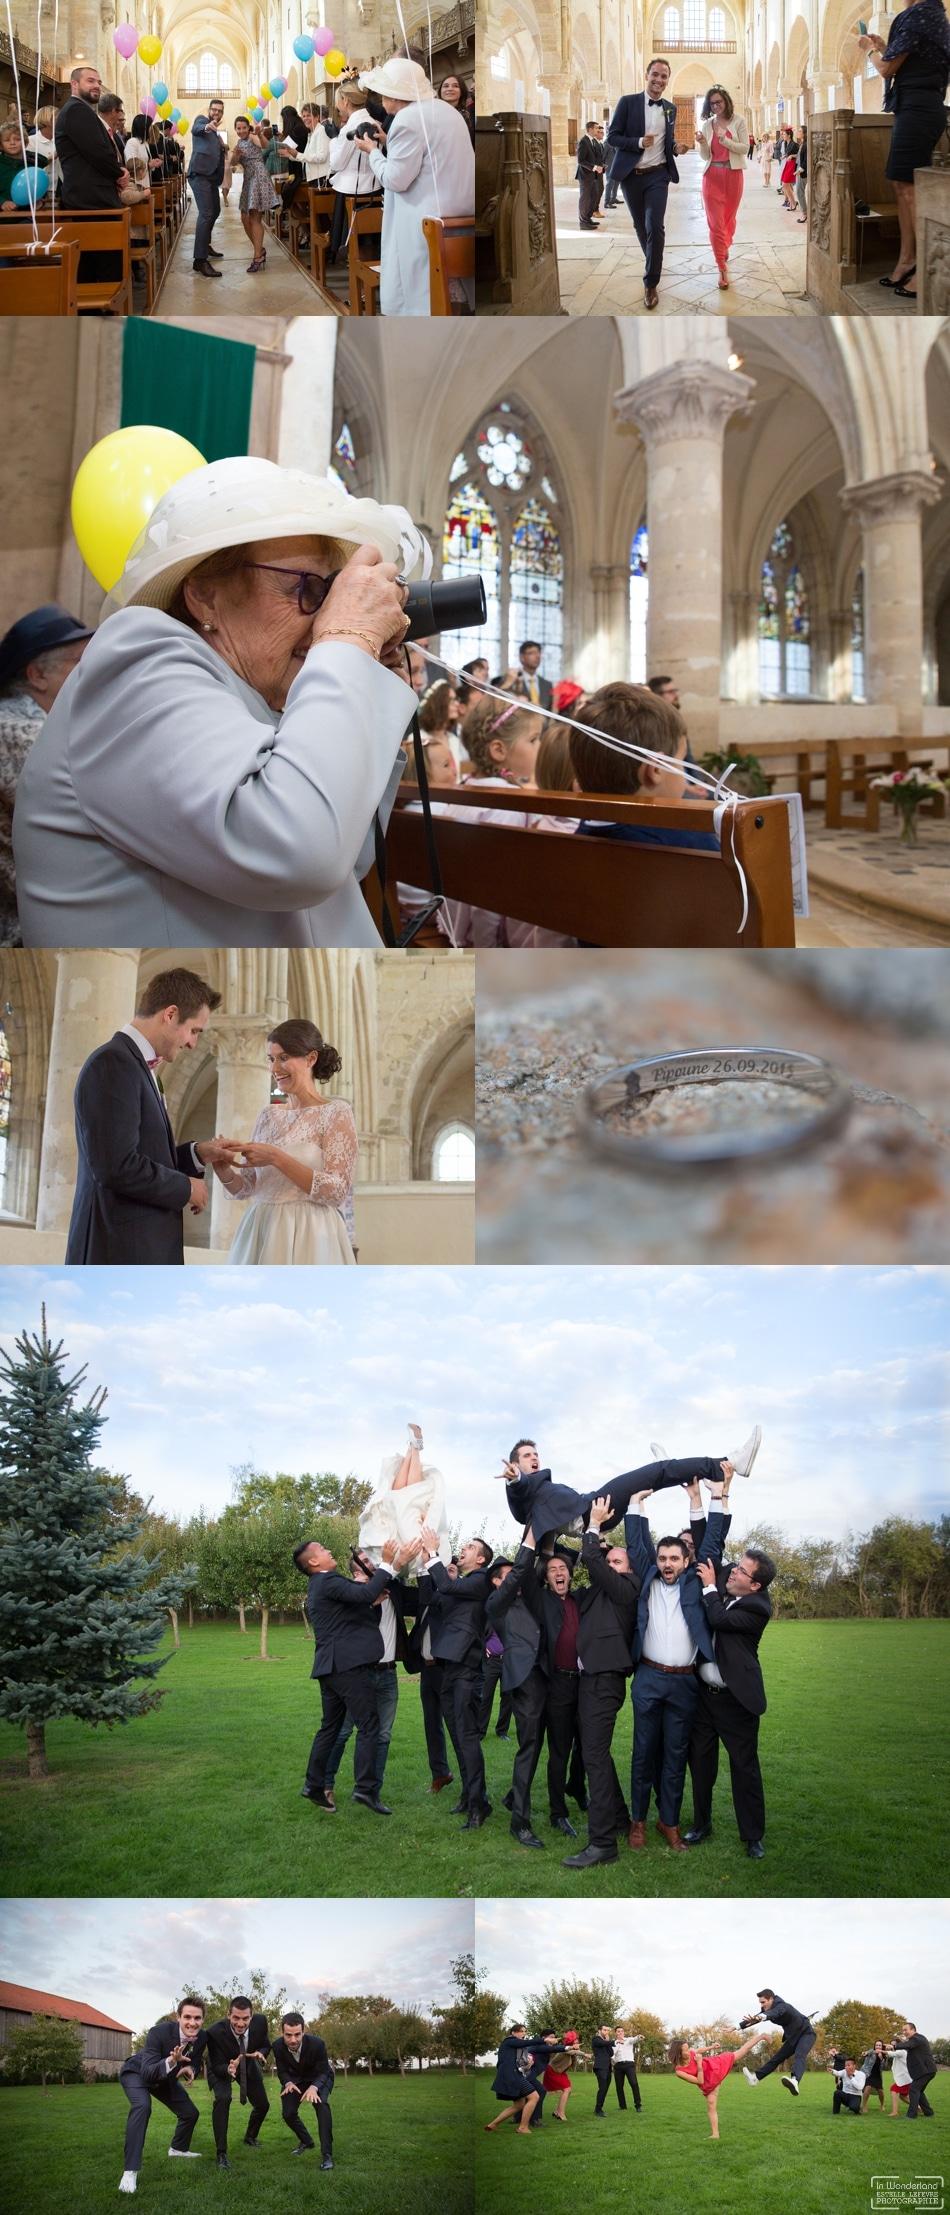 Photographe de mariage au Domaine de Malassise Mormant